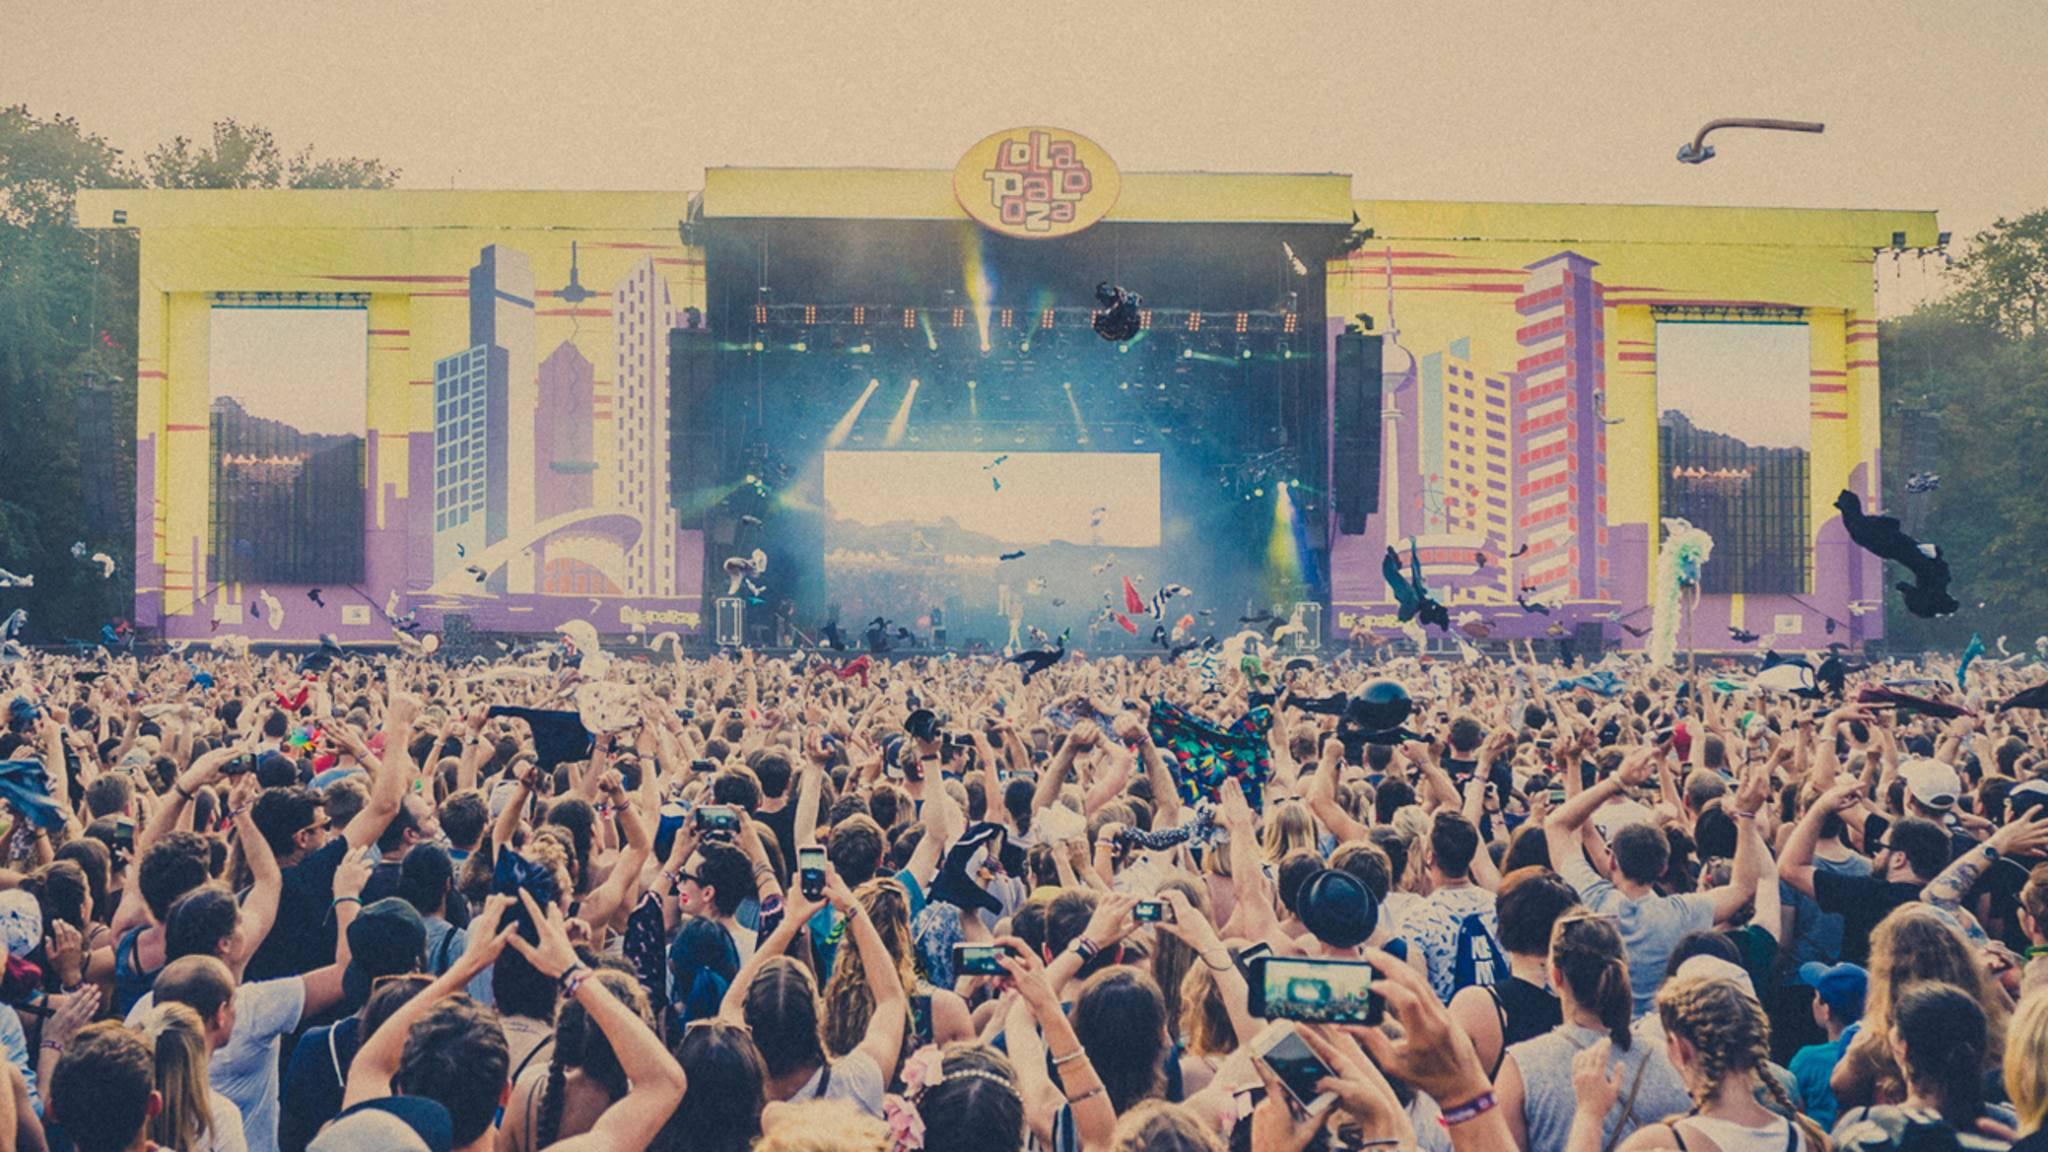 Das Lollapalooza hat einen neuen Standort gefunden – und lockt mit ersten Bandbestätigungen.